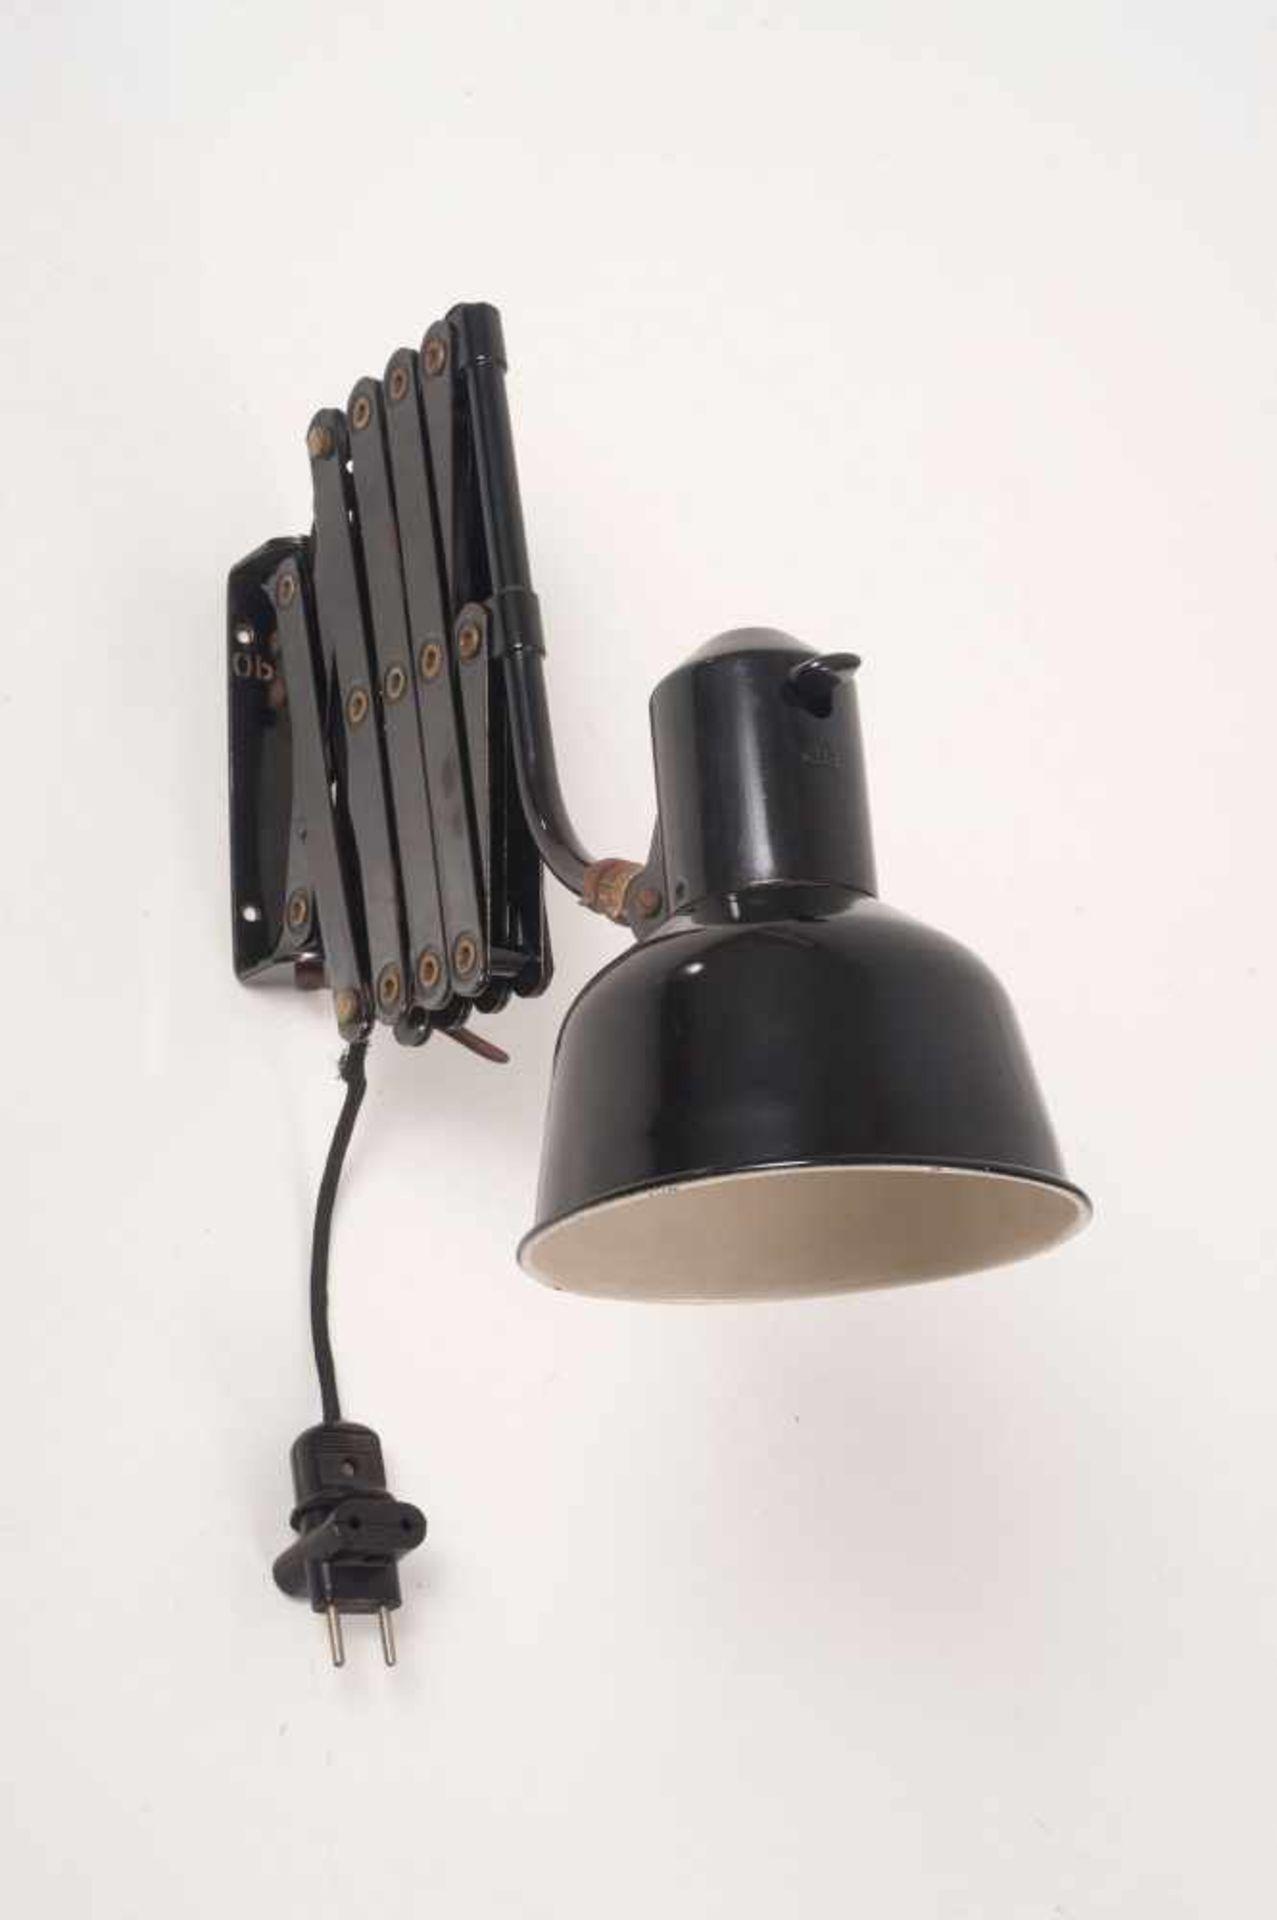 Los 21 - SiS, Schweinfurt 'Scherenleuchte', 1930er Jahre L. 99 cm (max.). Metallrohr, Metallblech, schwarz